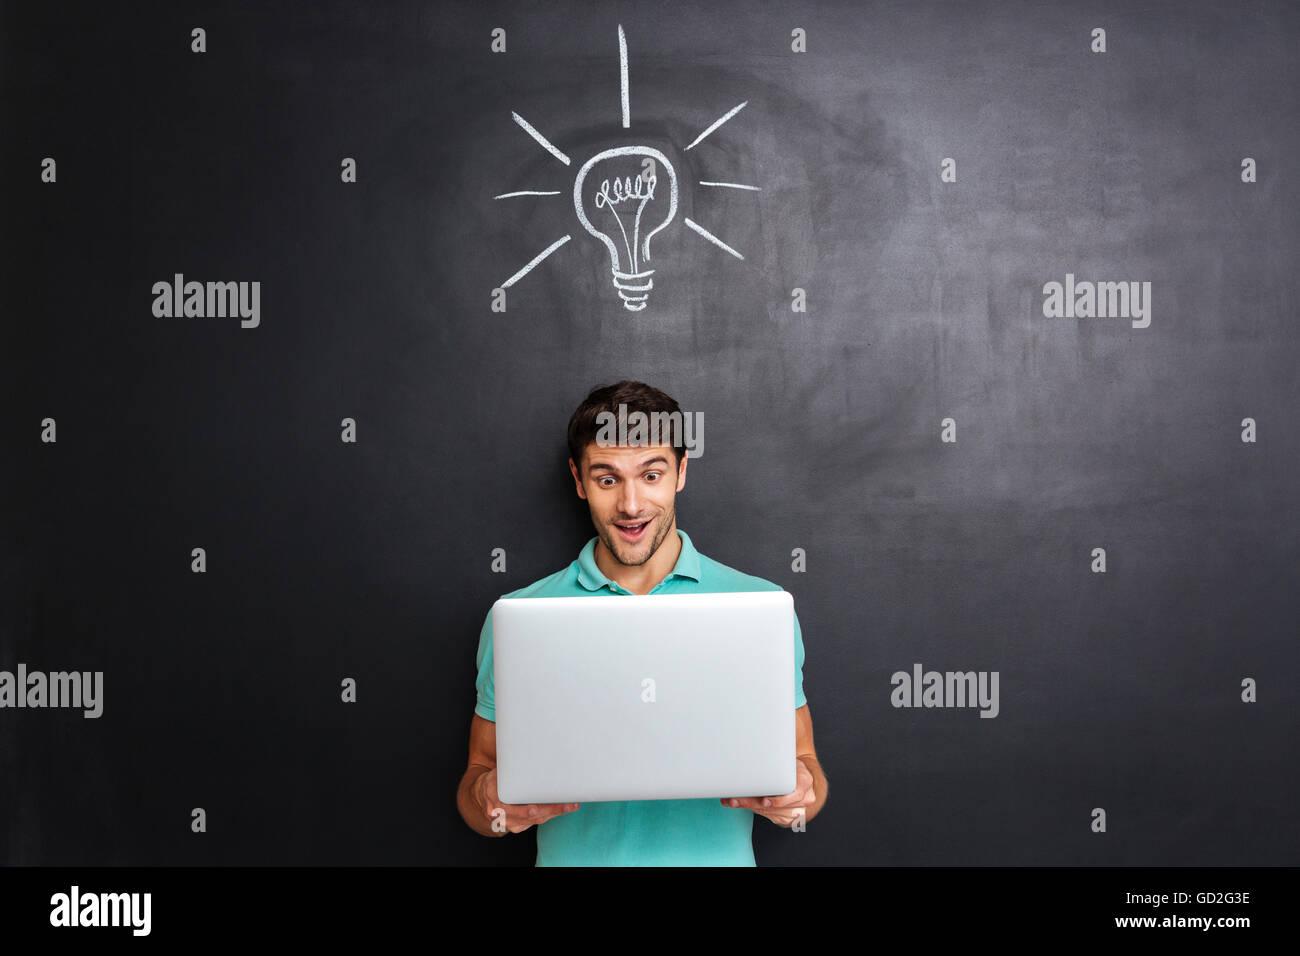 Feliz joven tiene una idea sobre la pizarra con fondo dibujado bombilla Imagen De Stock